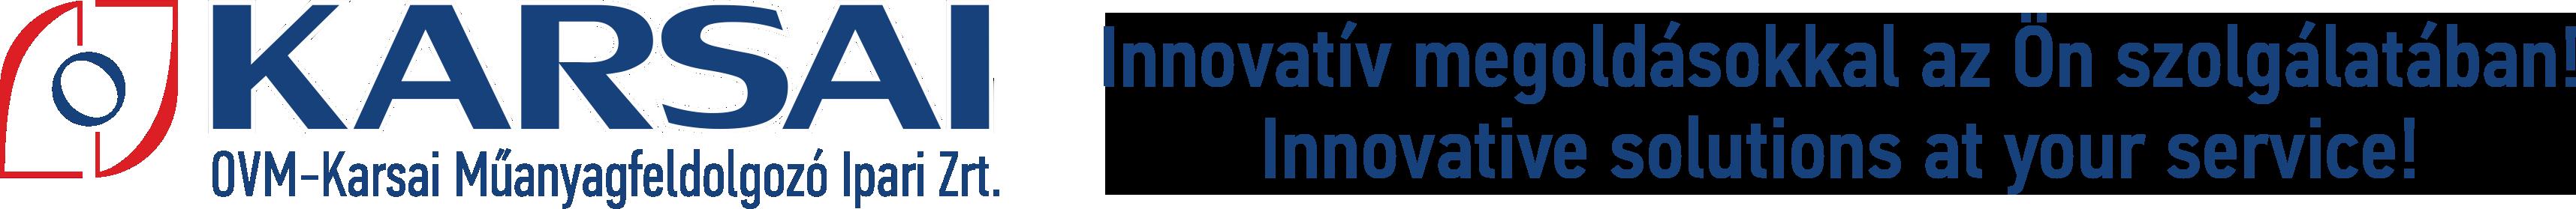 OVM-Karsai Zrt. Logo